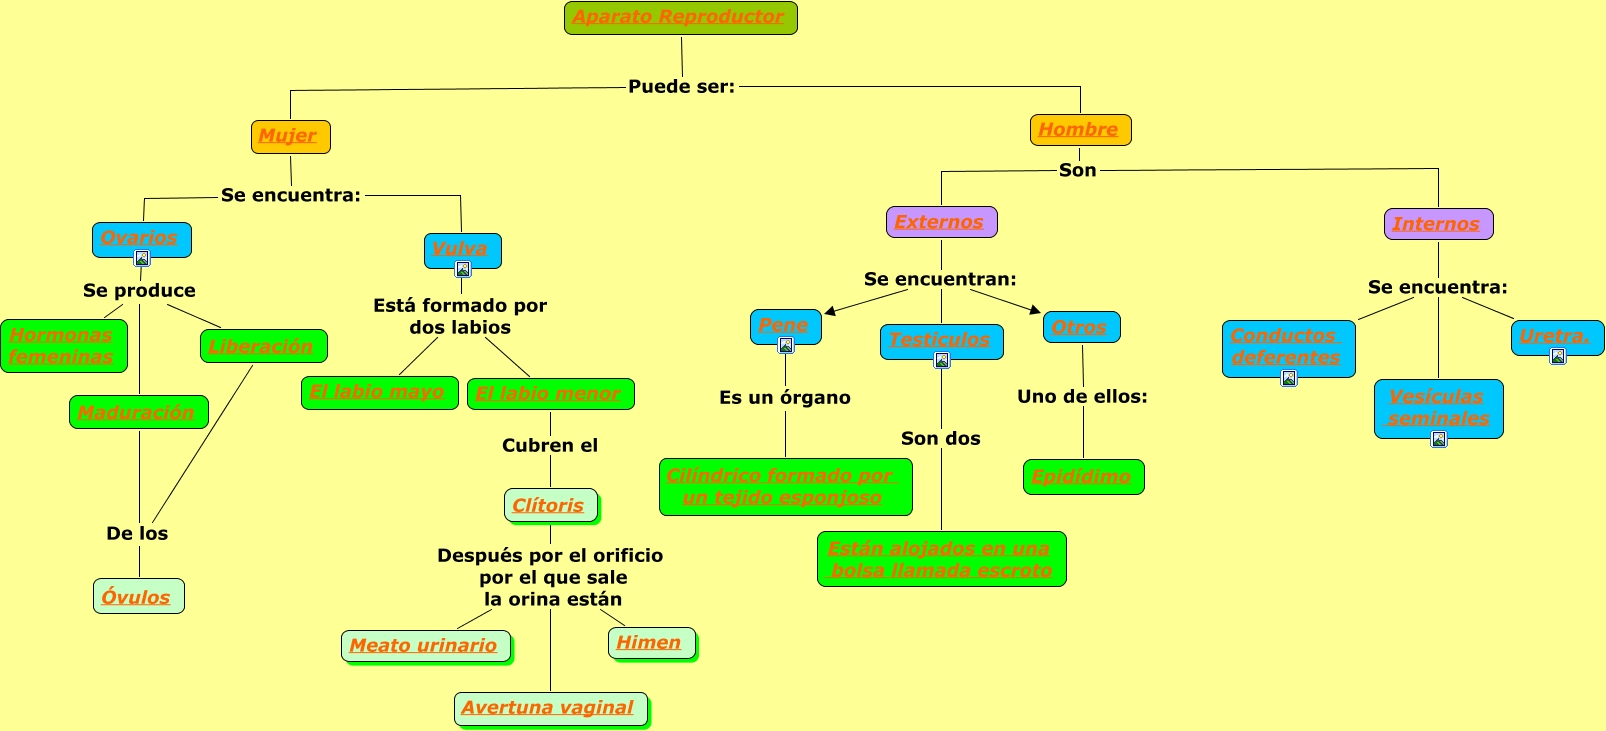 Vistoso Diagrama Reproductor Masculino Foto - Anatomía de Las ...